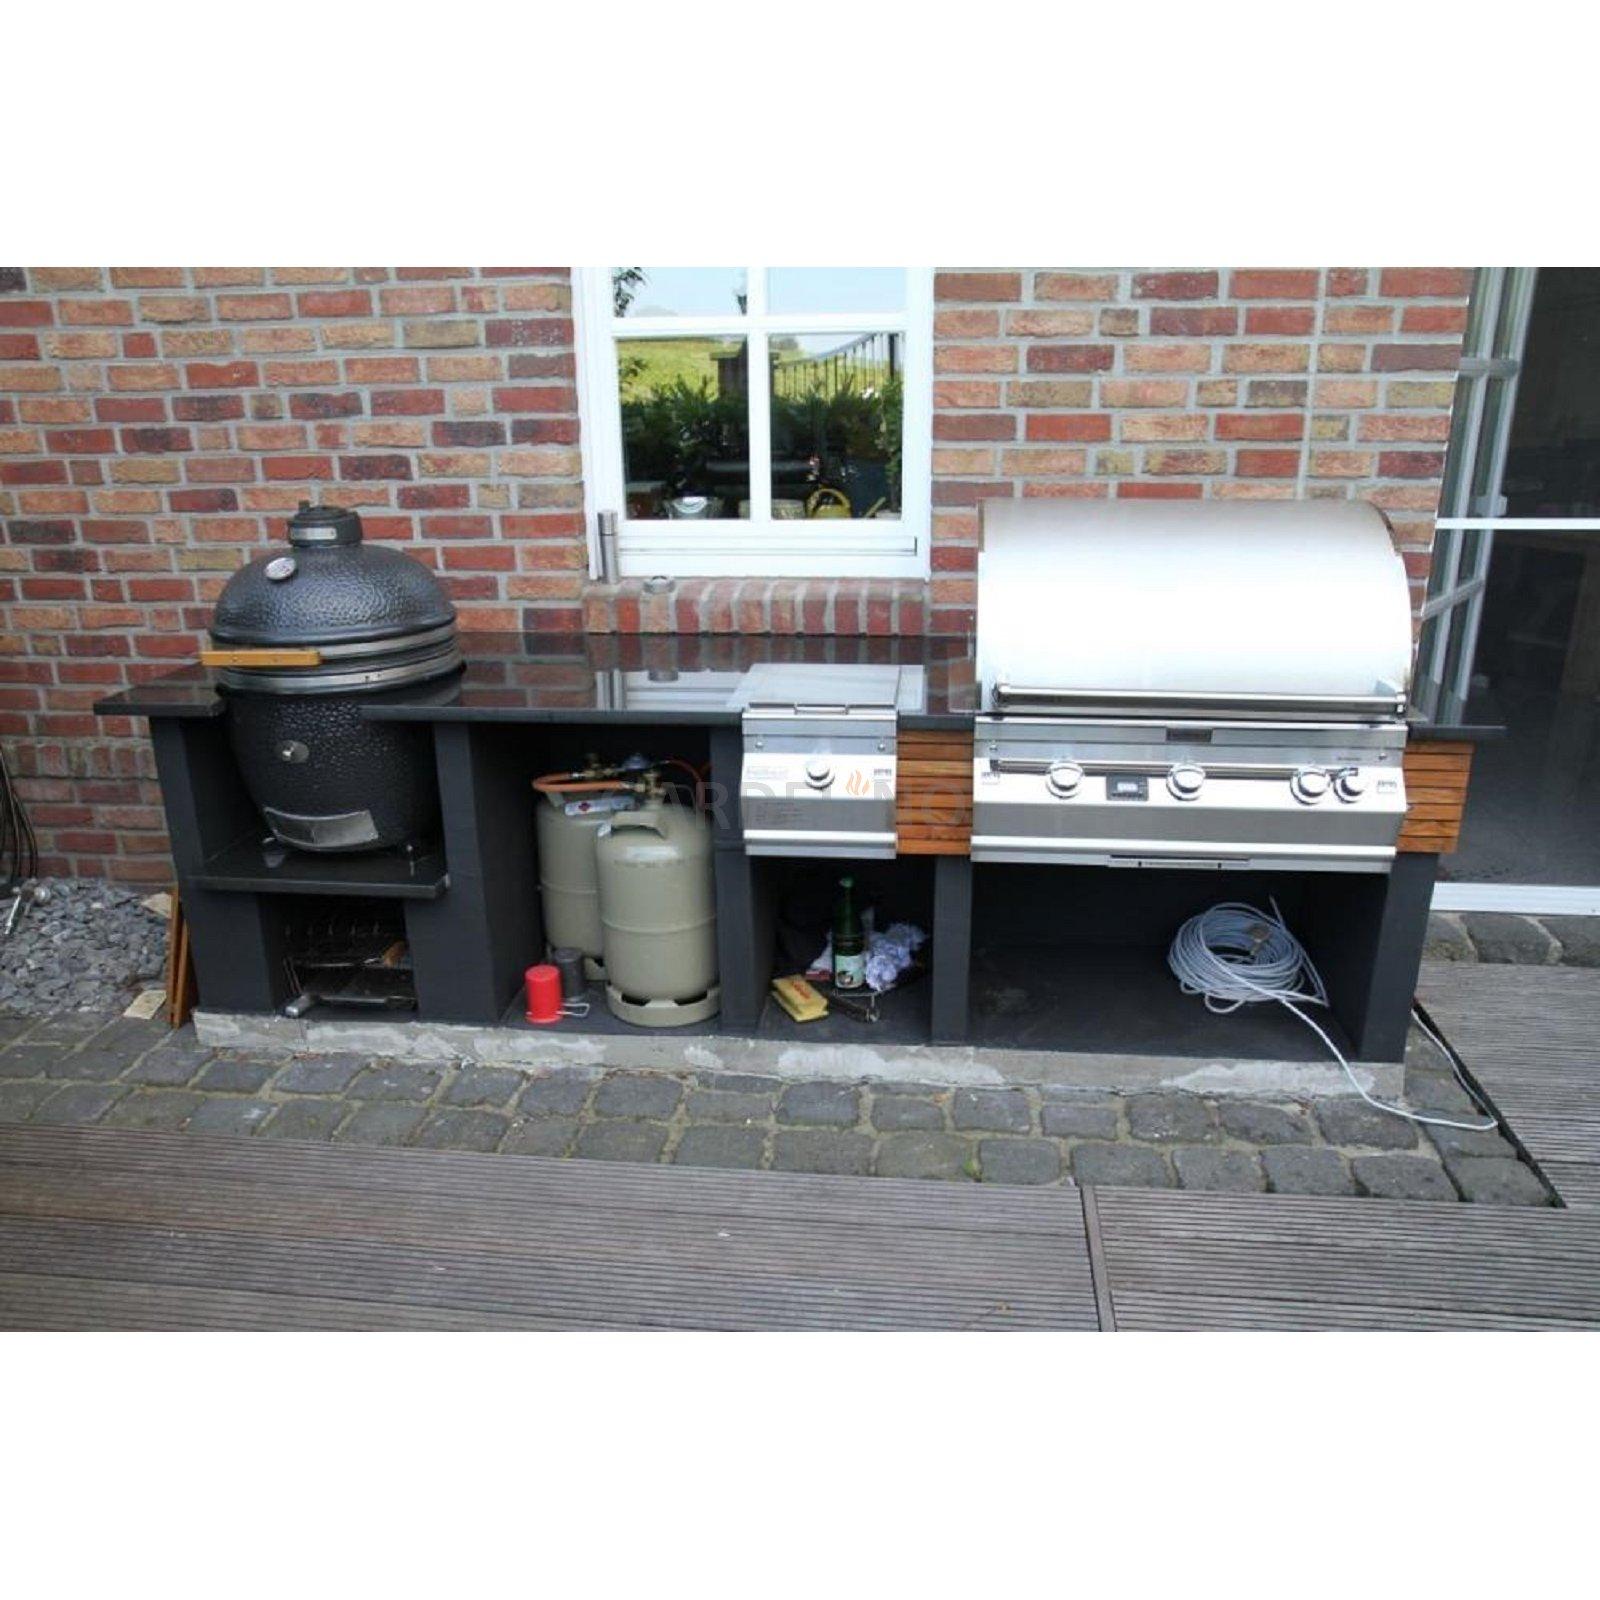 Full Size of Amerikanische Outdoor Küchen Regal Betten Küche Kaufen Edelstahl Amerikanisches Bett Wohnzimmer Amerikanische Outdoor Küchen